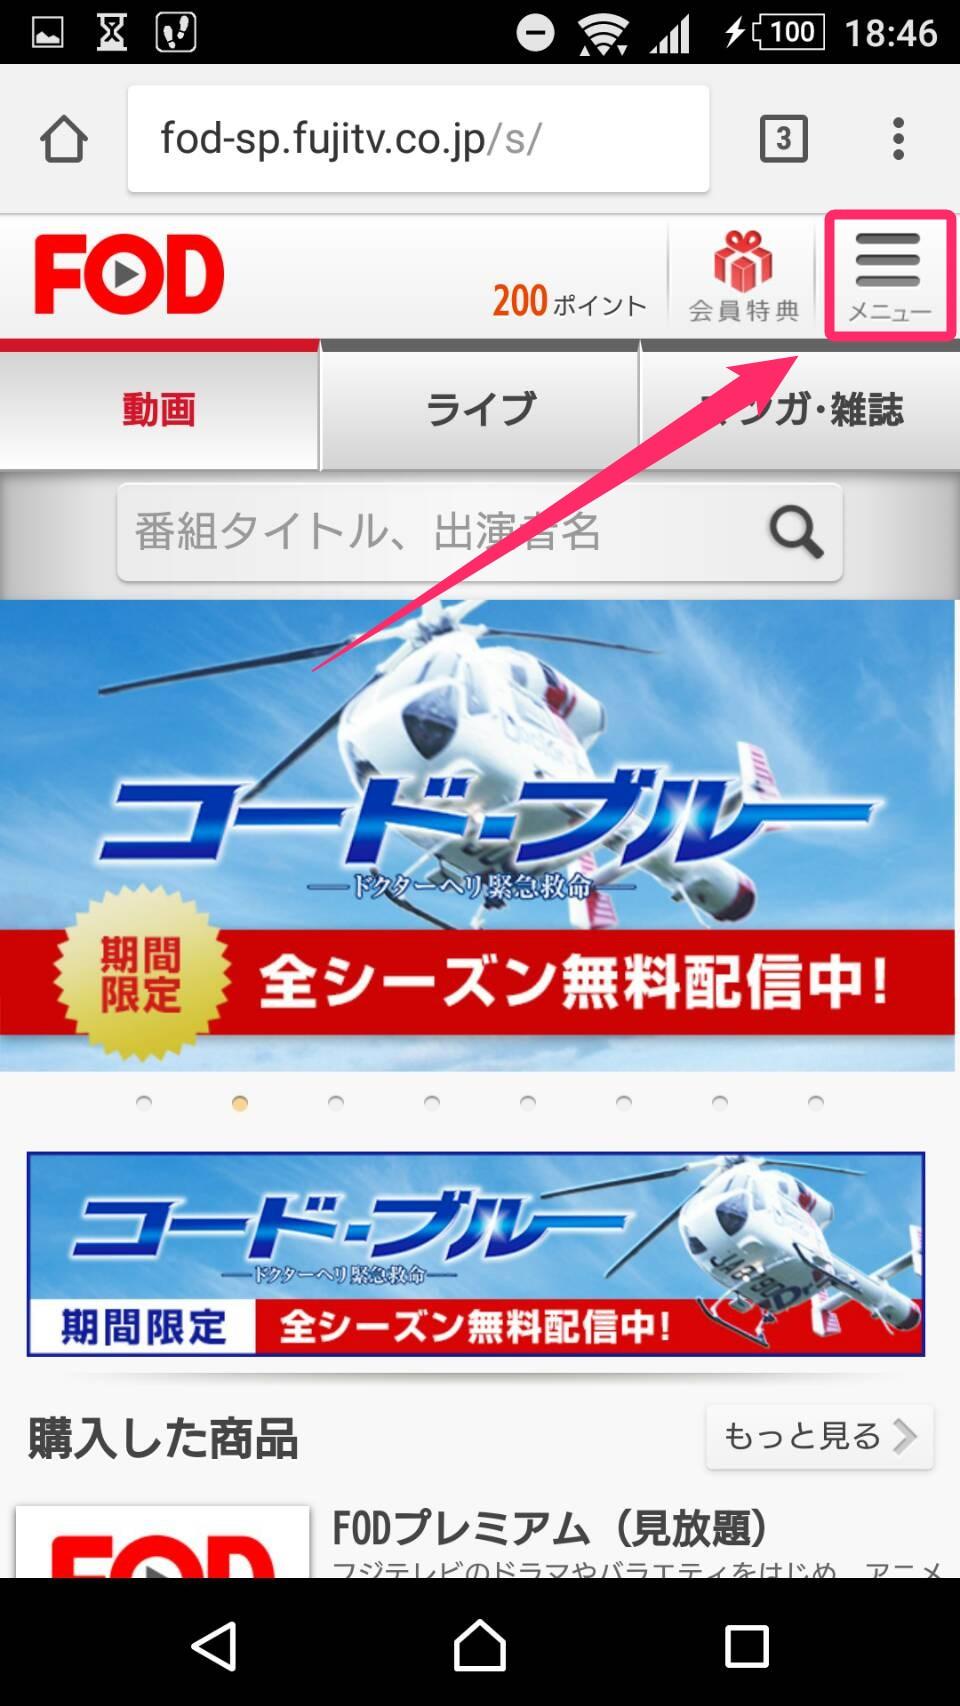 FODのトップページ画面とメニューボタンの画像